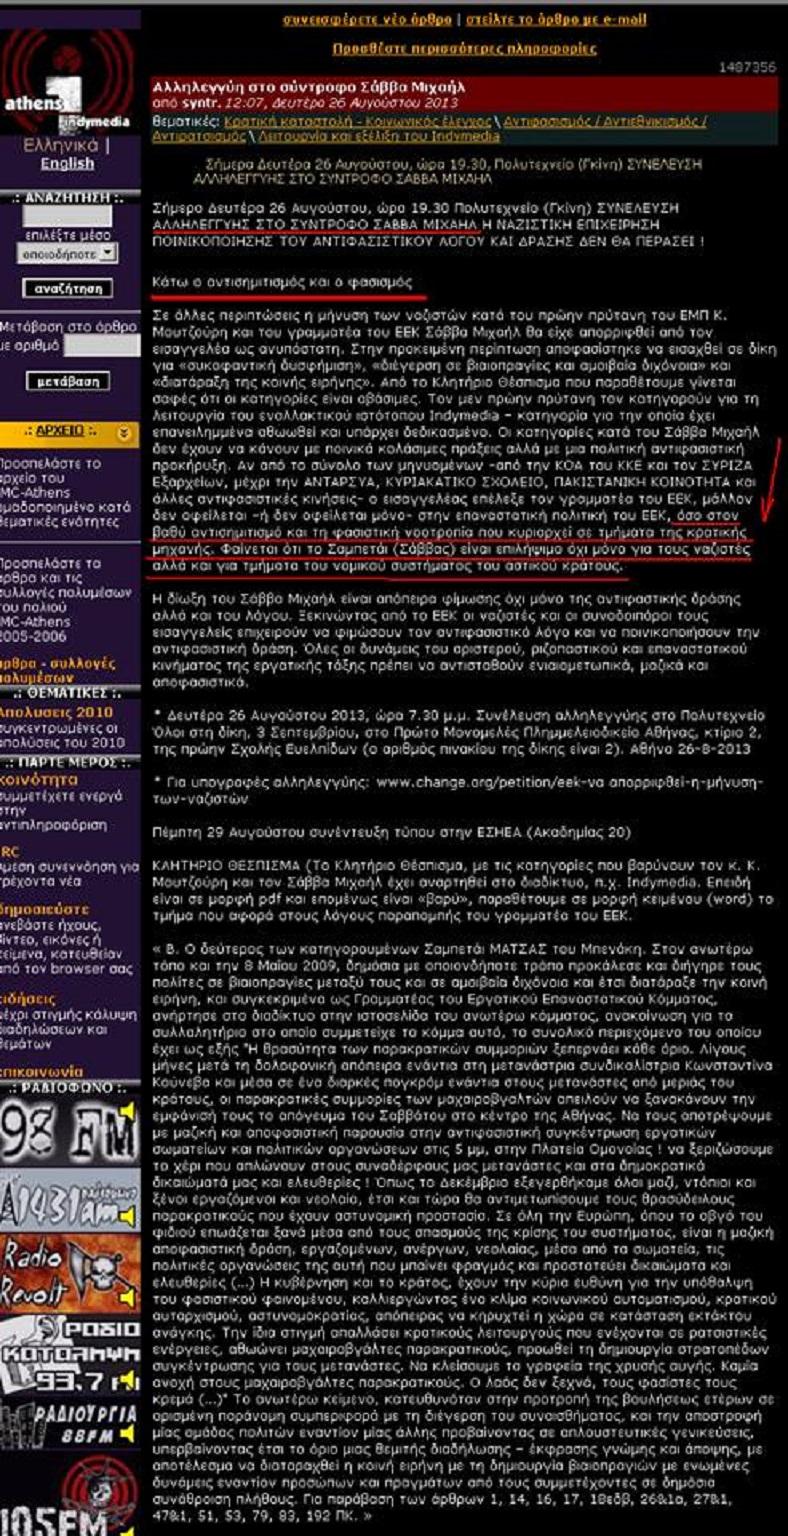 Μά πῶς ἔμπλεξαν ἔτσι τά «μπούτια» τους ἀναρχικοί, ΣΥΡΙΖΑίοι καί ὁ ...Michael Levi;4